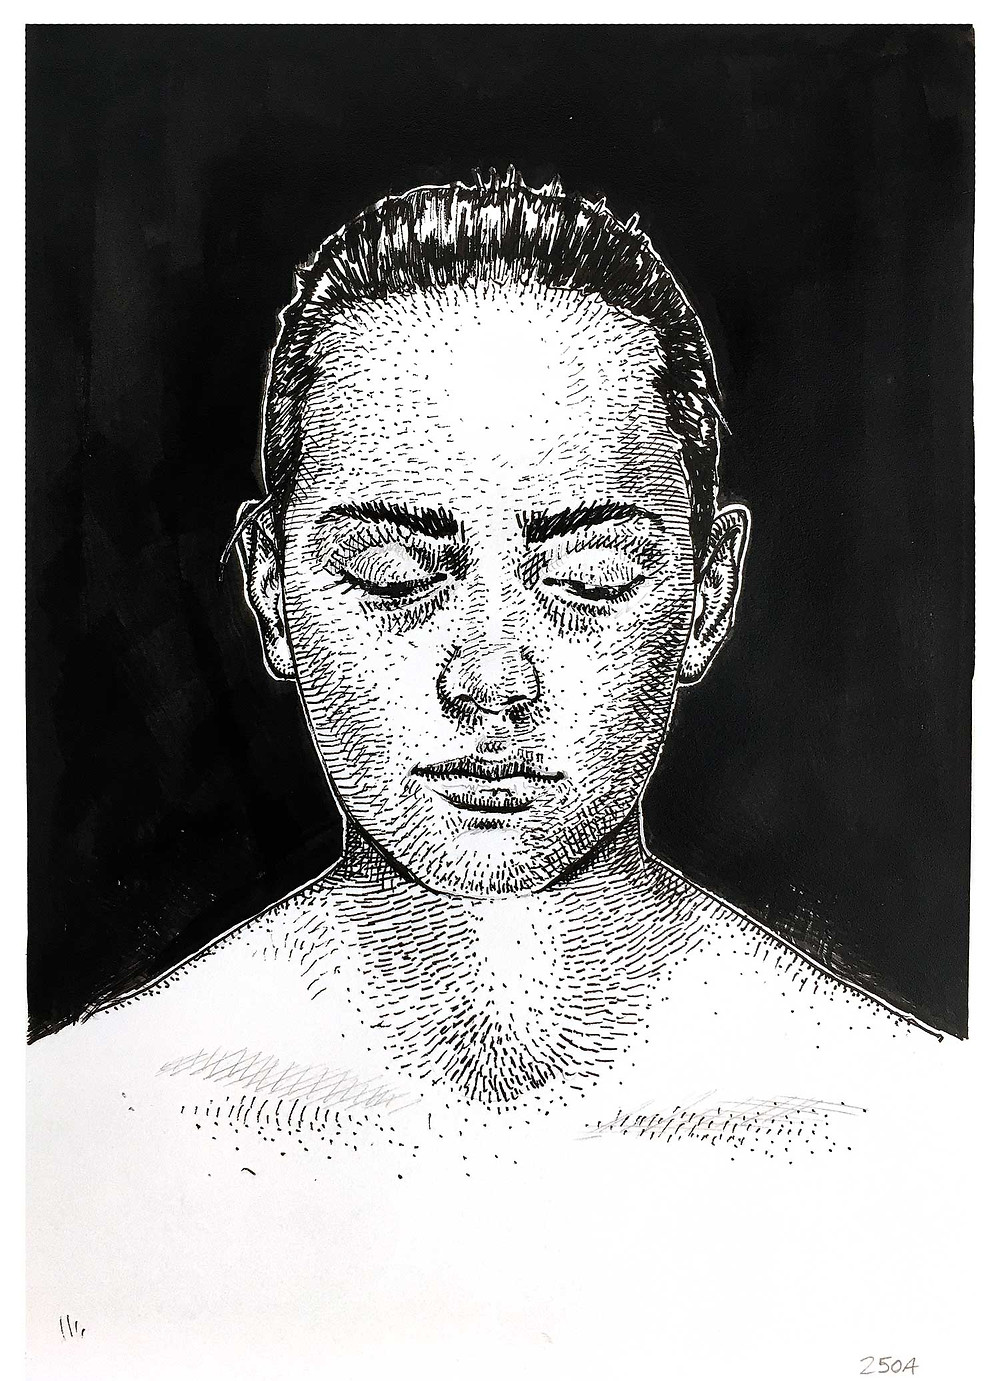 Dario Moschetta 250A-M ink on paper 21x29cm 109 euros